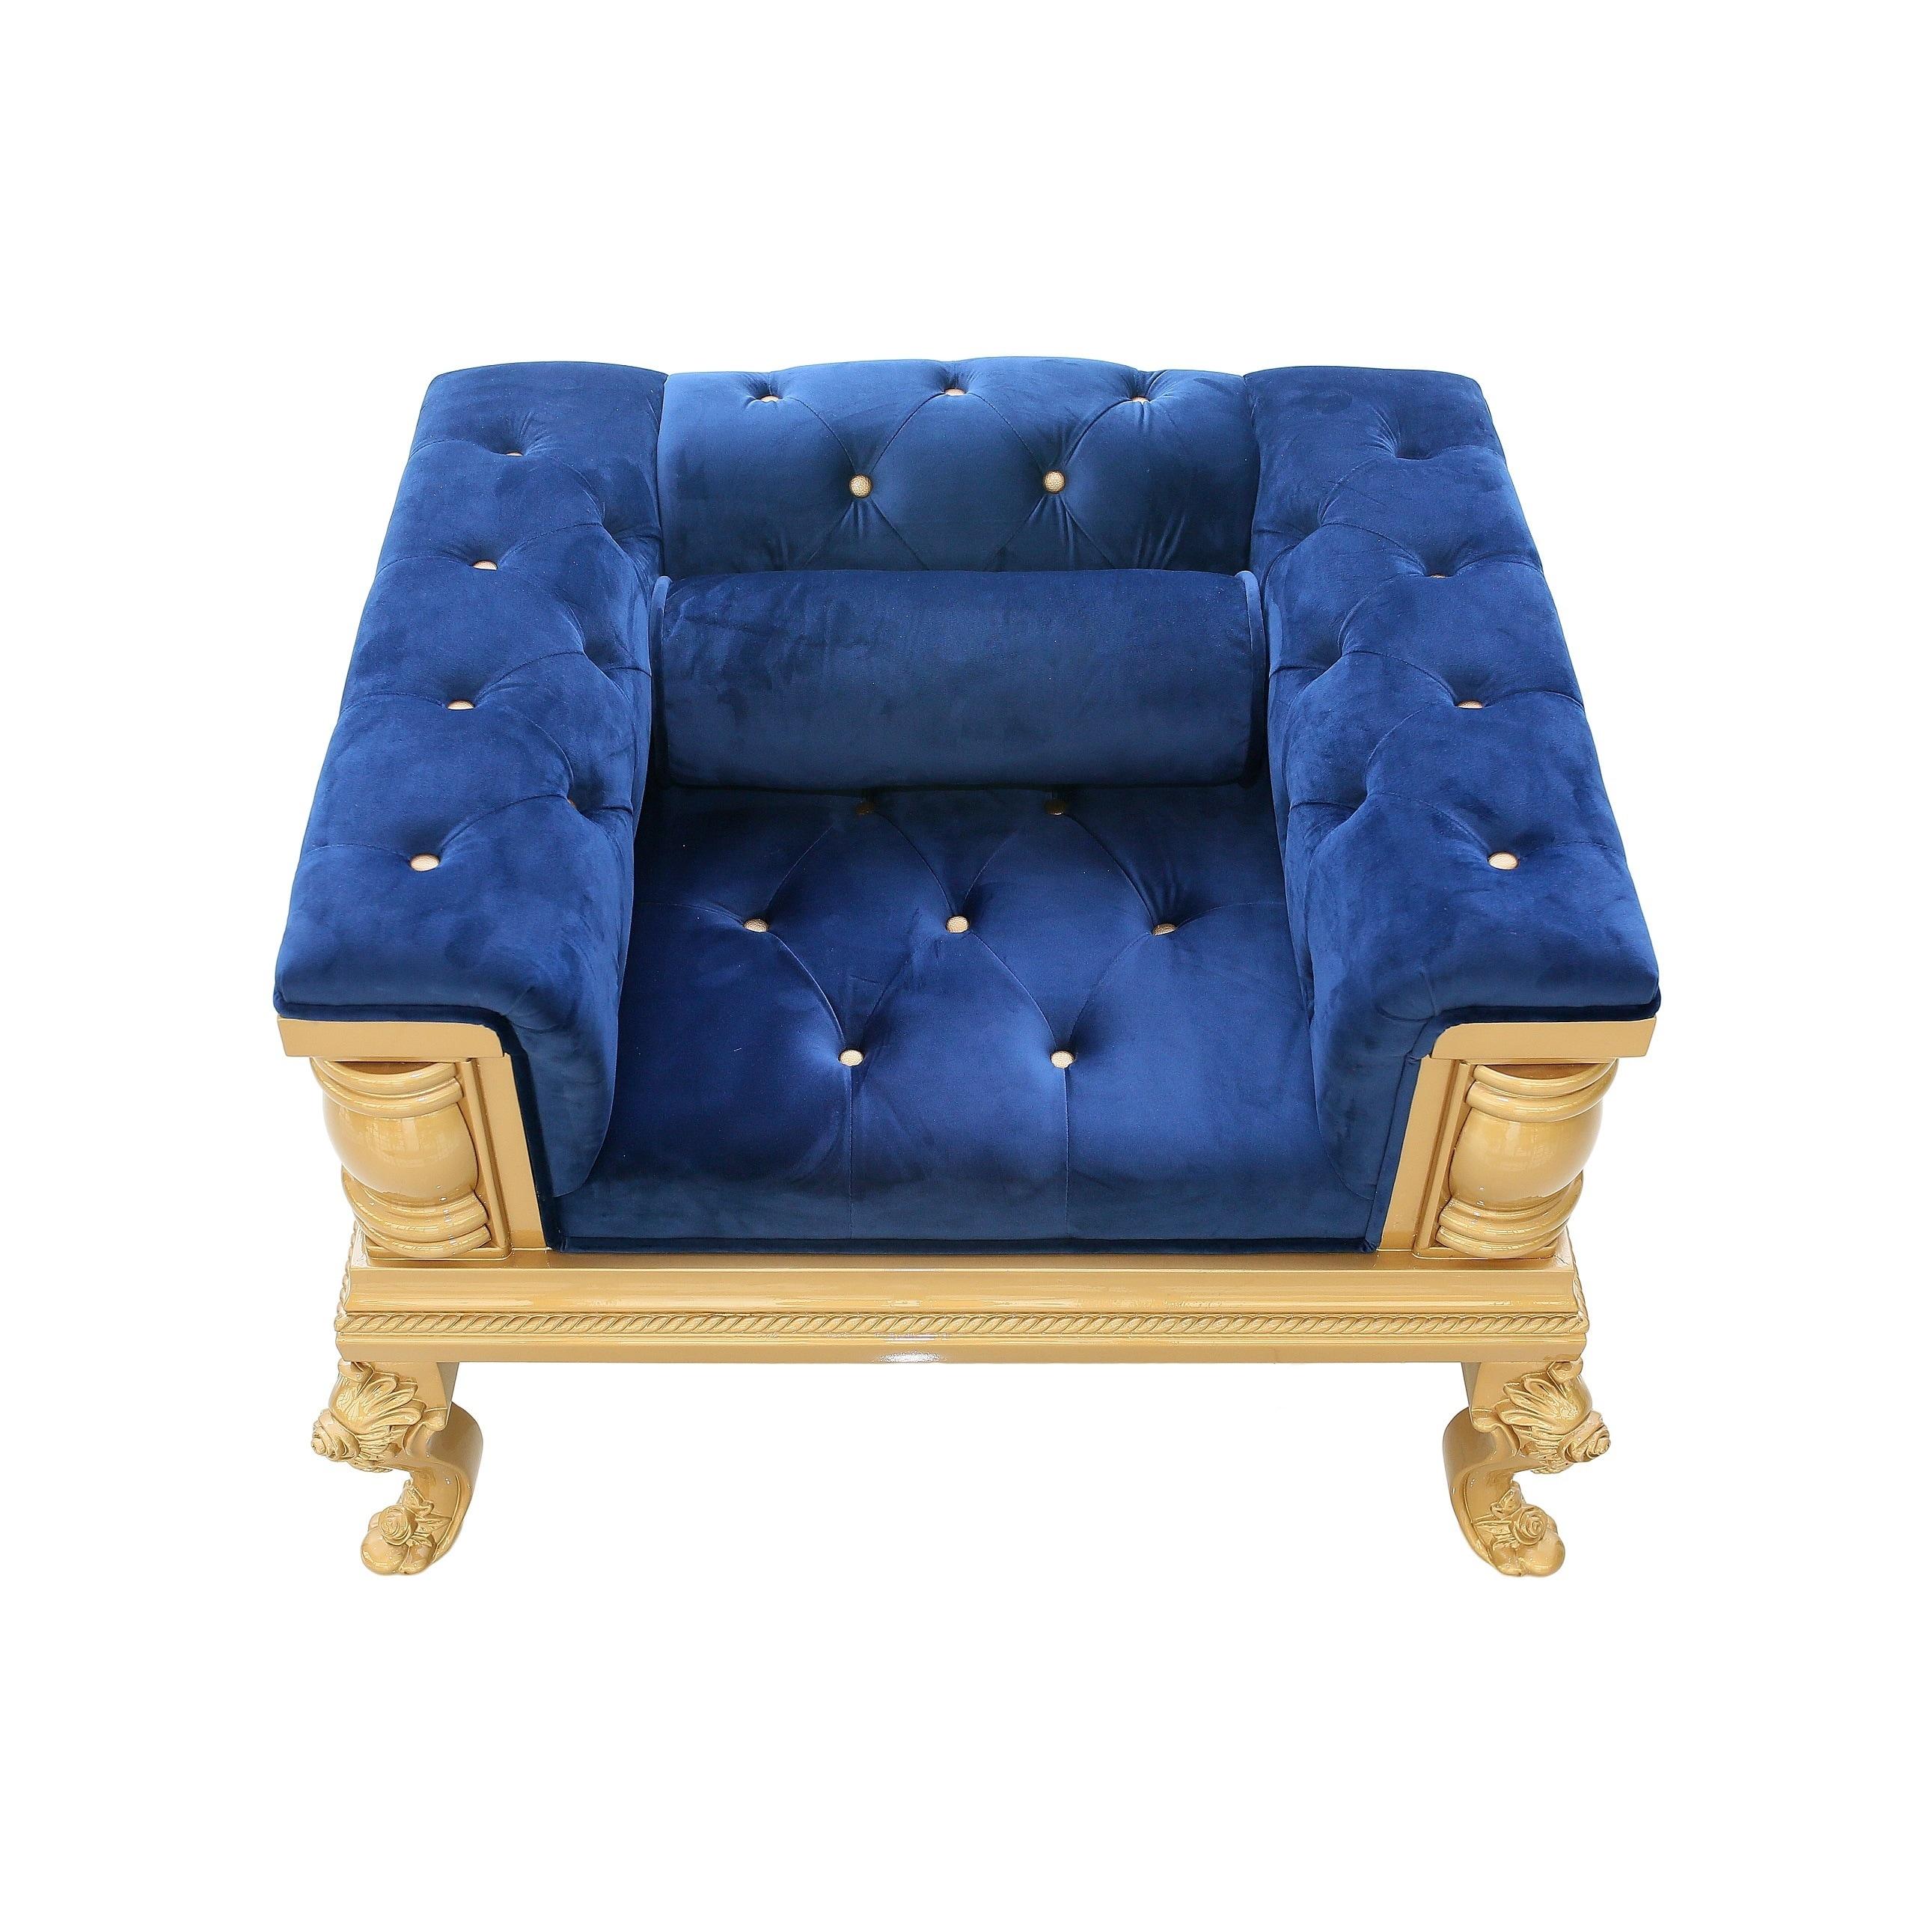 Gothic Inspired Royal Blue Velvet Single Sofa